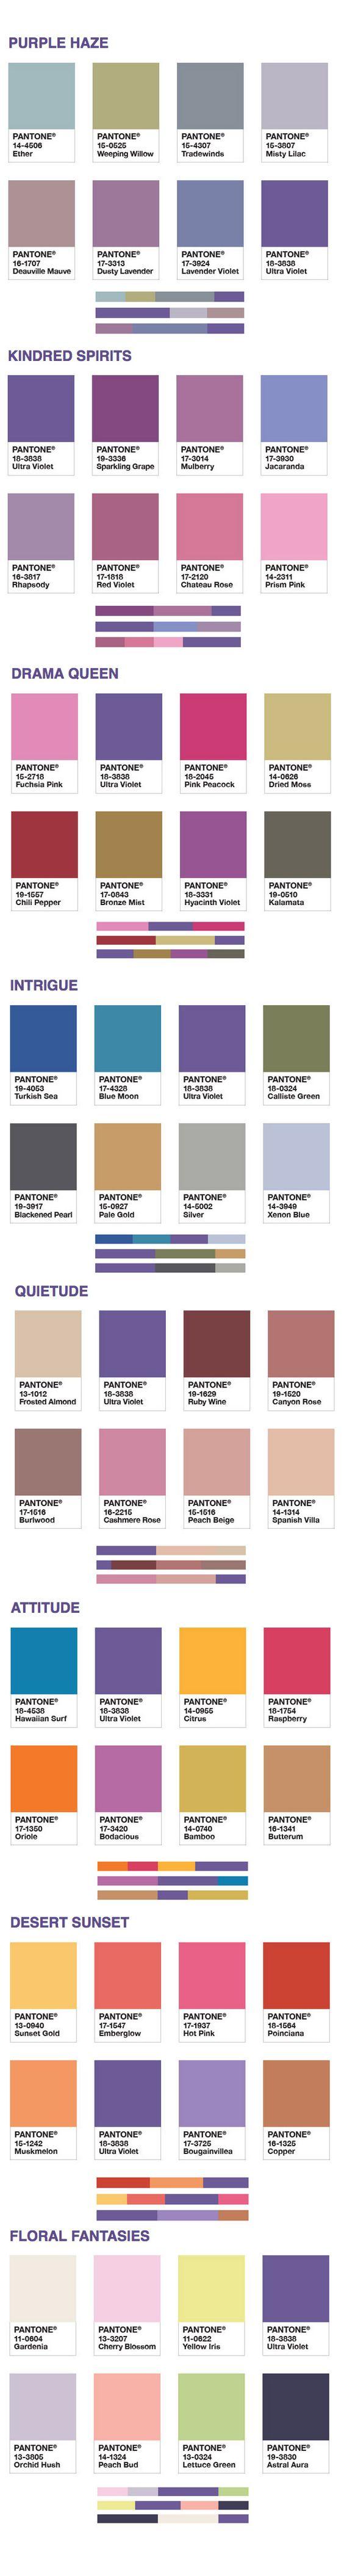 Ультра-фиолет - цвет 2018 года, сочетания